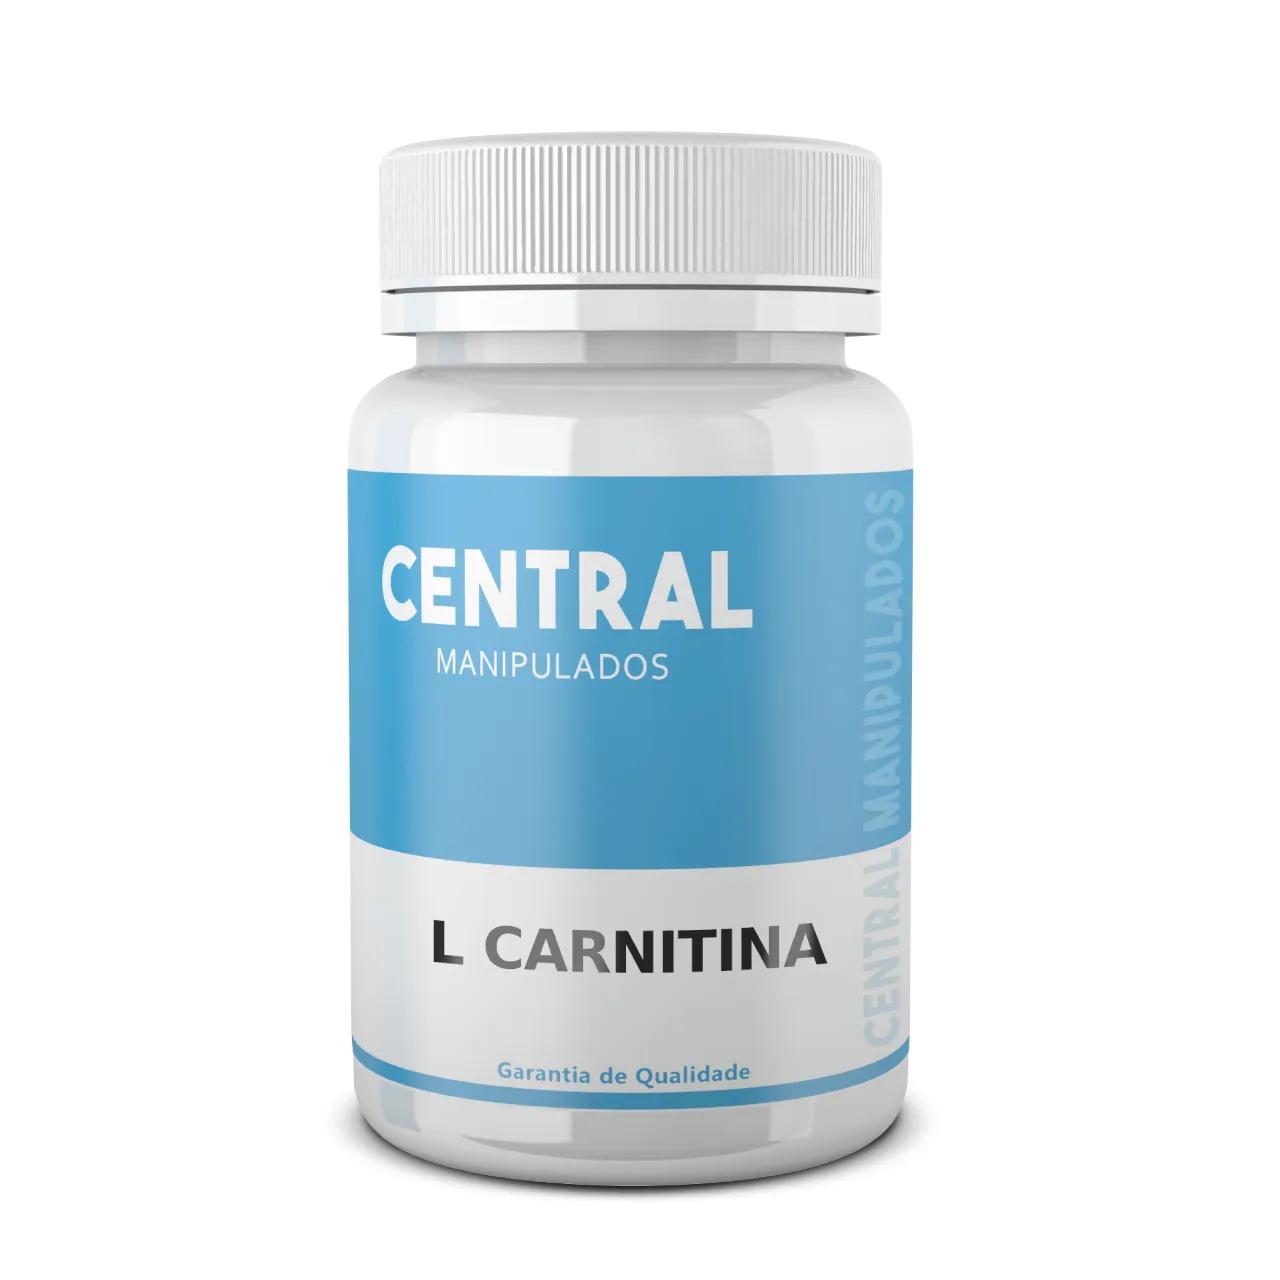 L Carnitina 500mg - 30 cápsulas - Redução de colesterol, da gordura localizada, Evita o acúmulo de gorduras no fígado e a formação de cálculos biliares